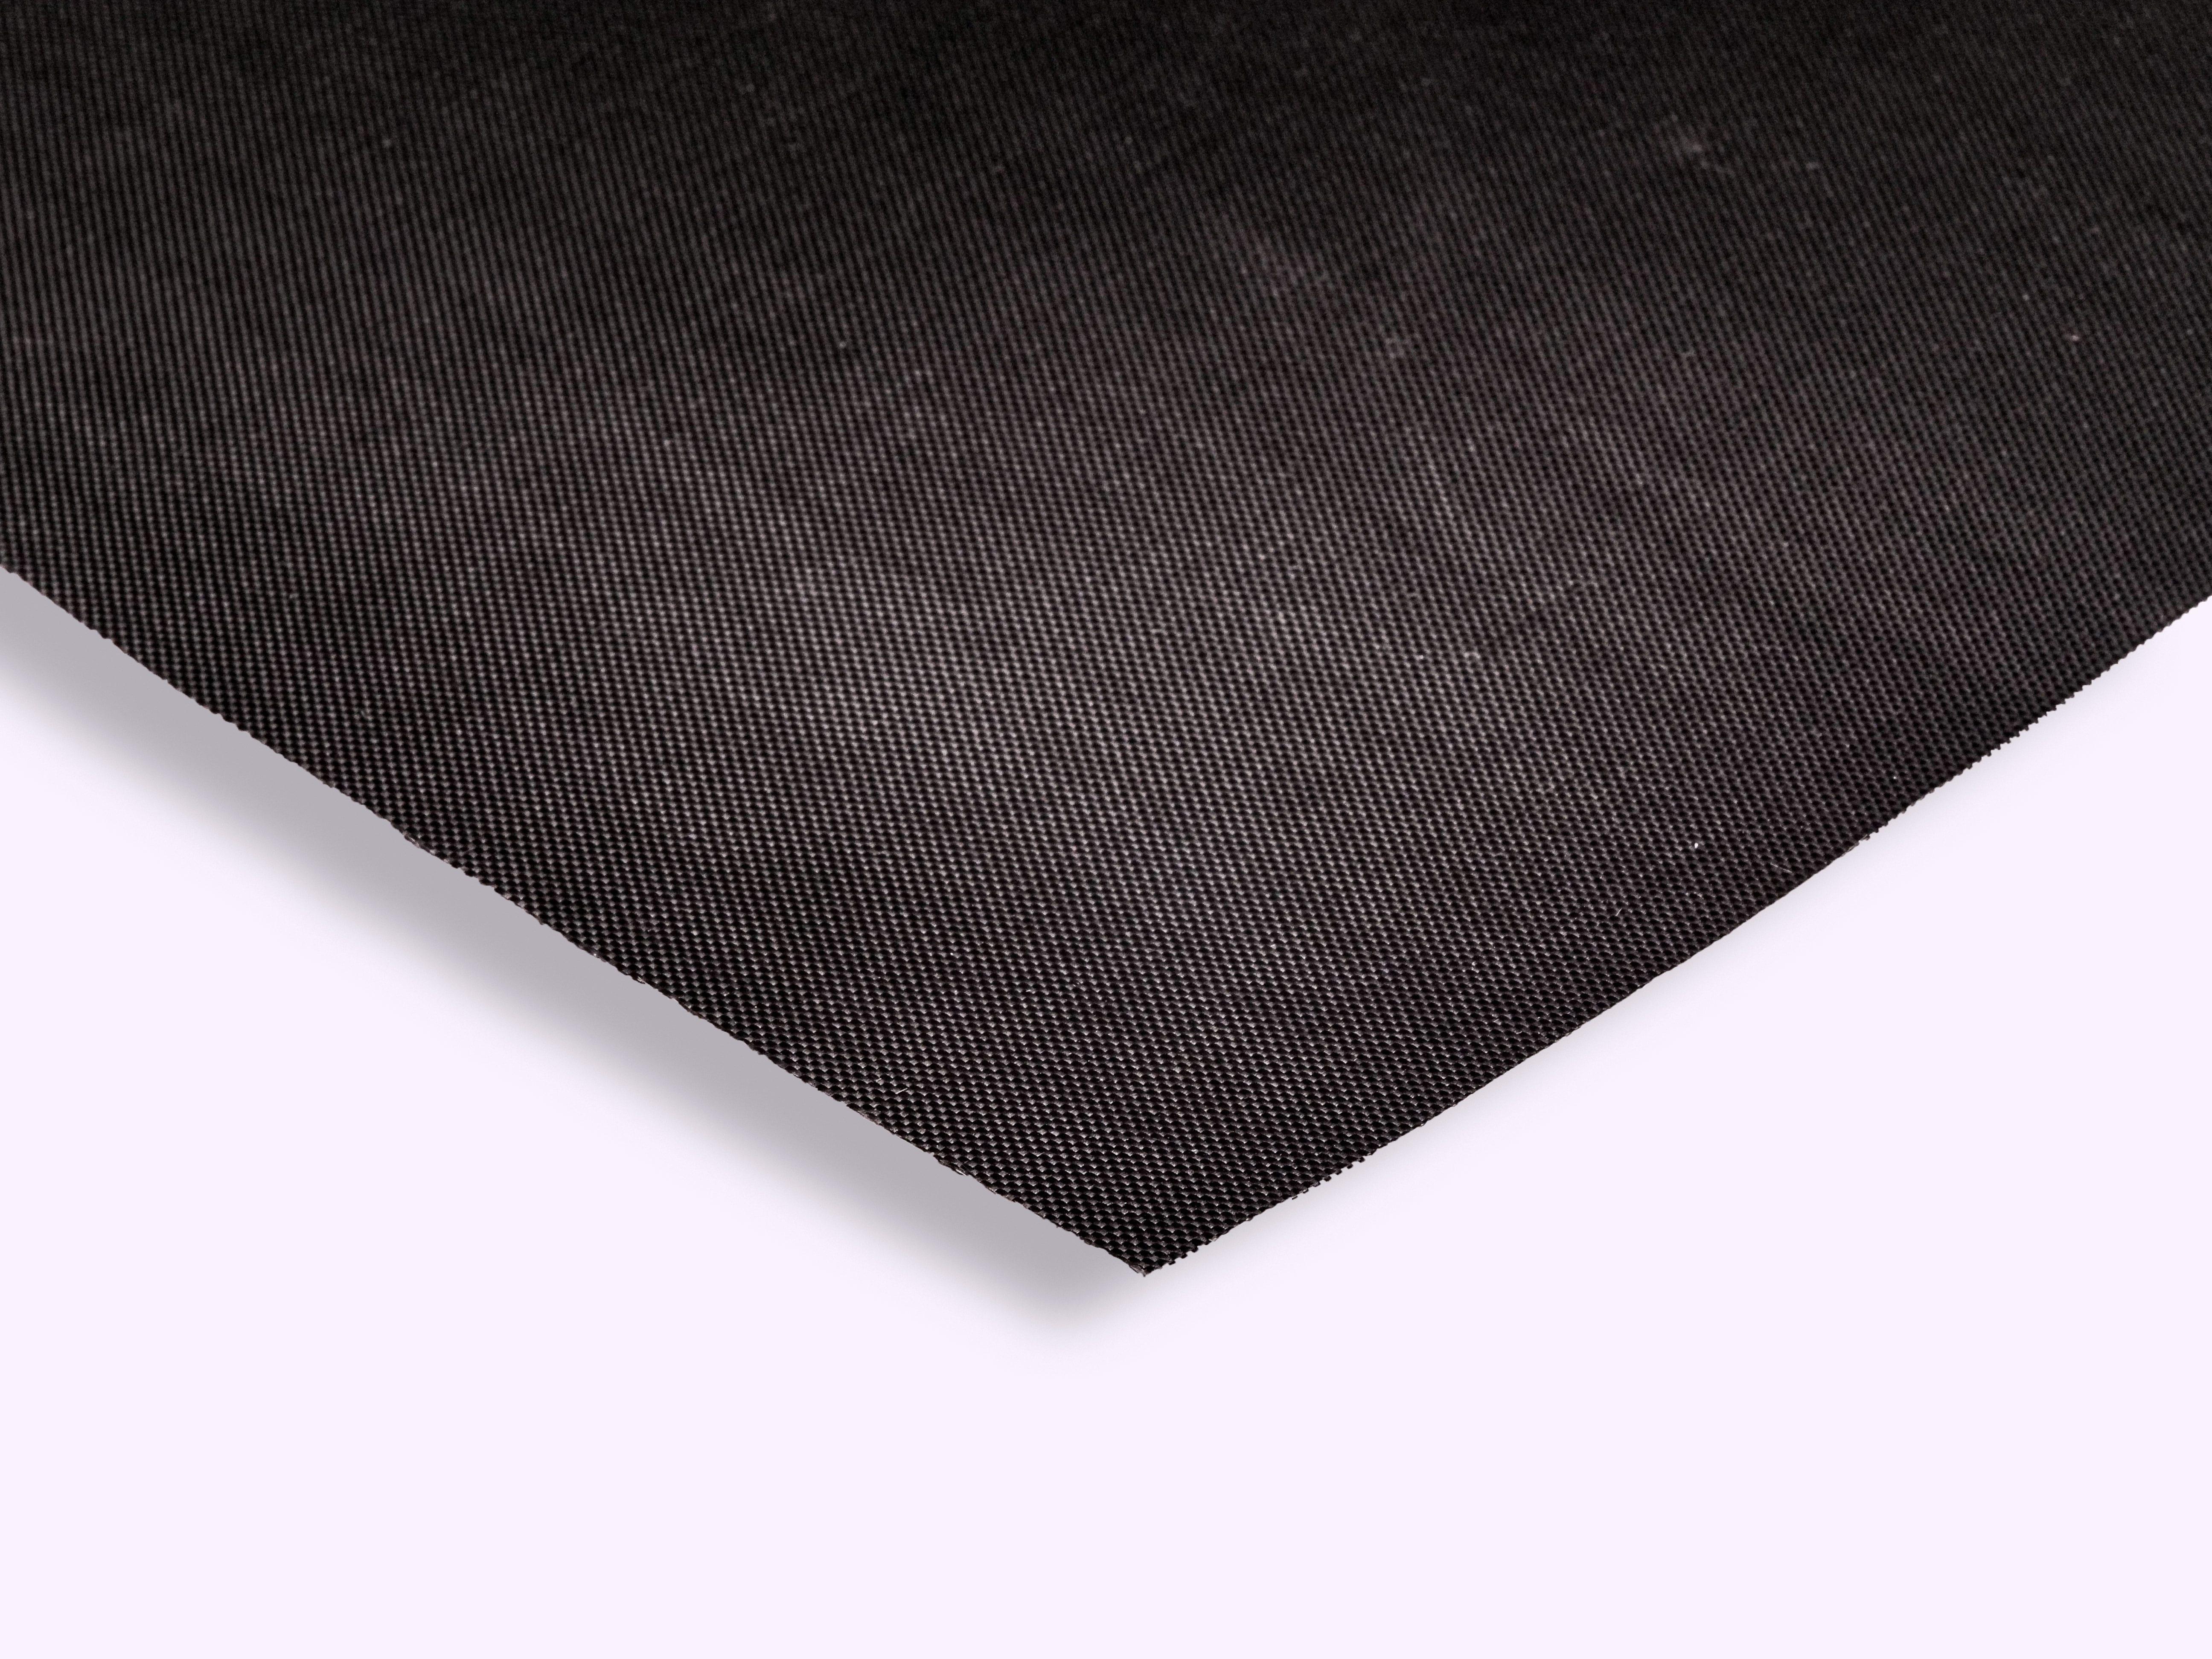 Glass-Fibre-Cloth-Facing-(Black)